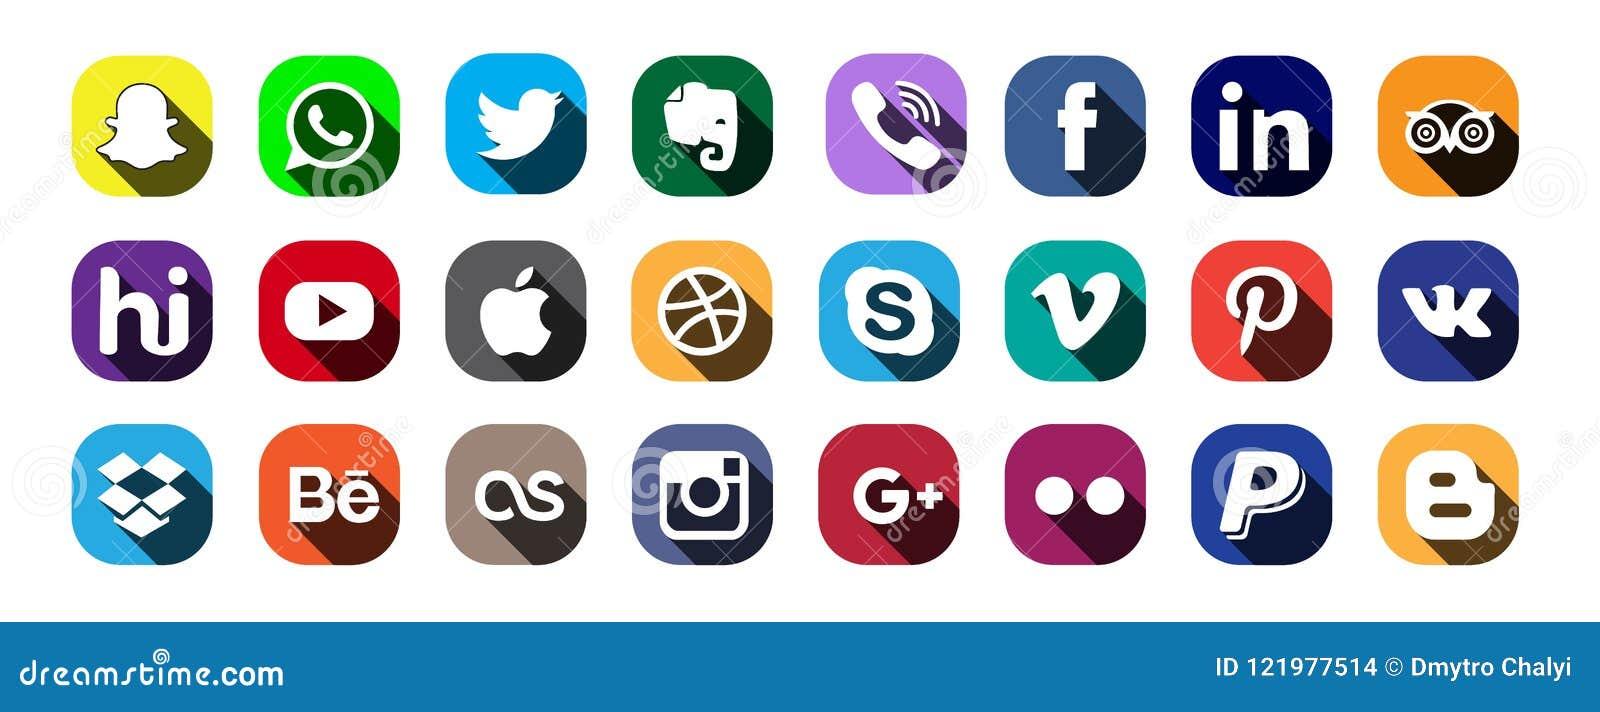 Moscú, Rusia - 20 de junio de 2017: Sistema de medios logotipos sociales populares